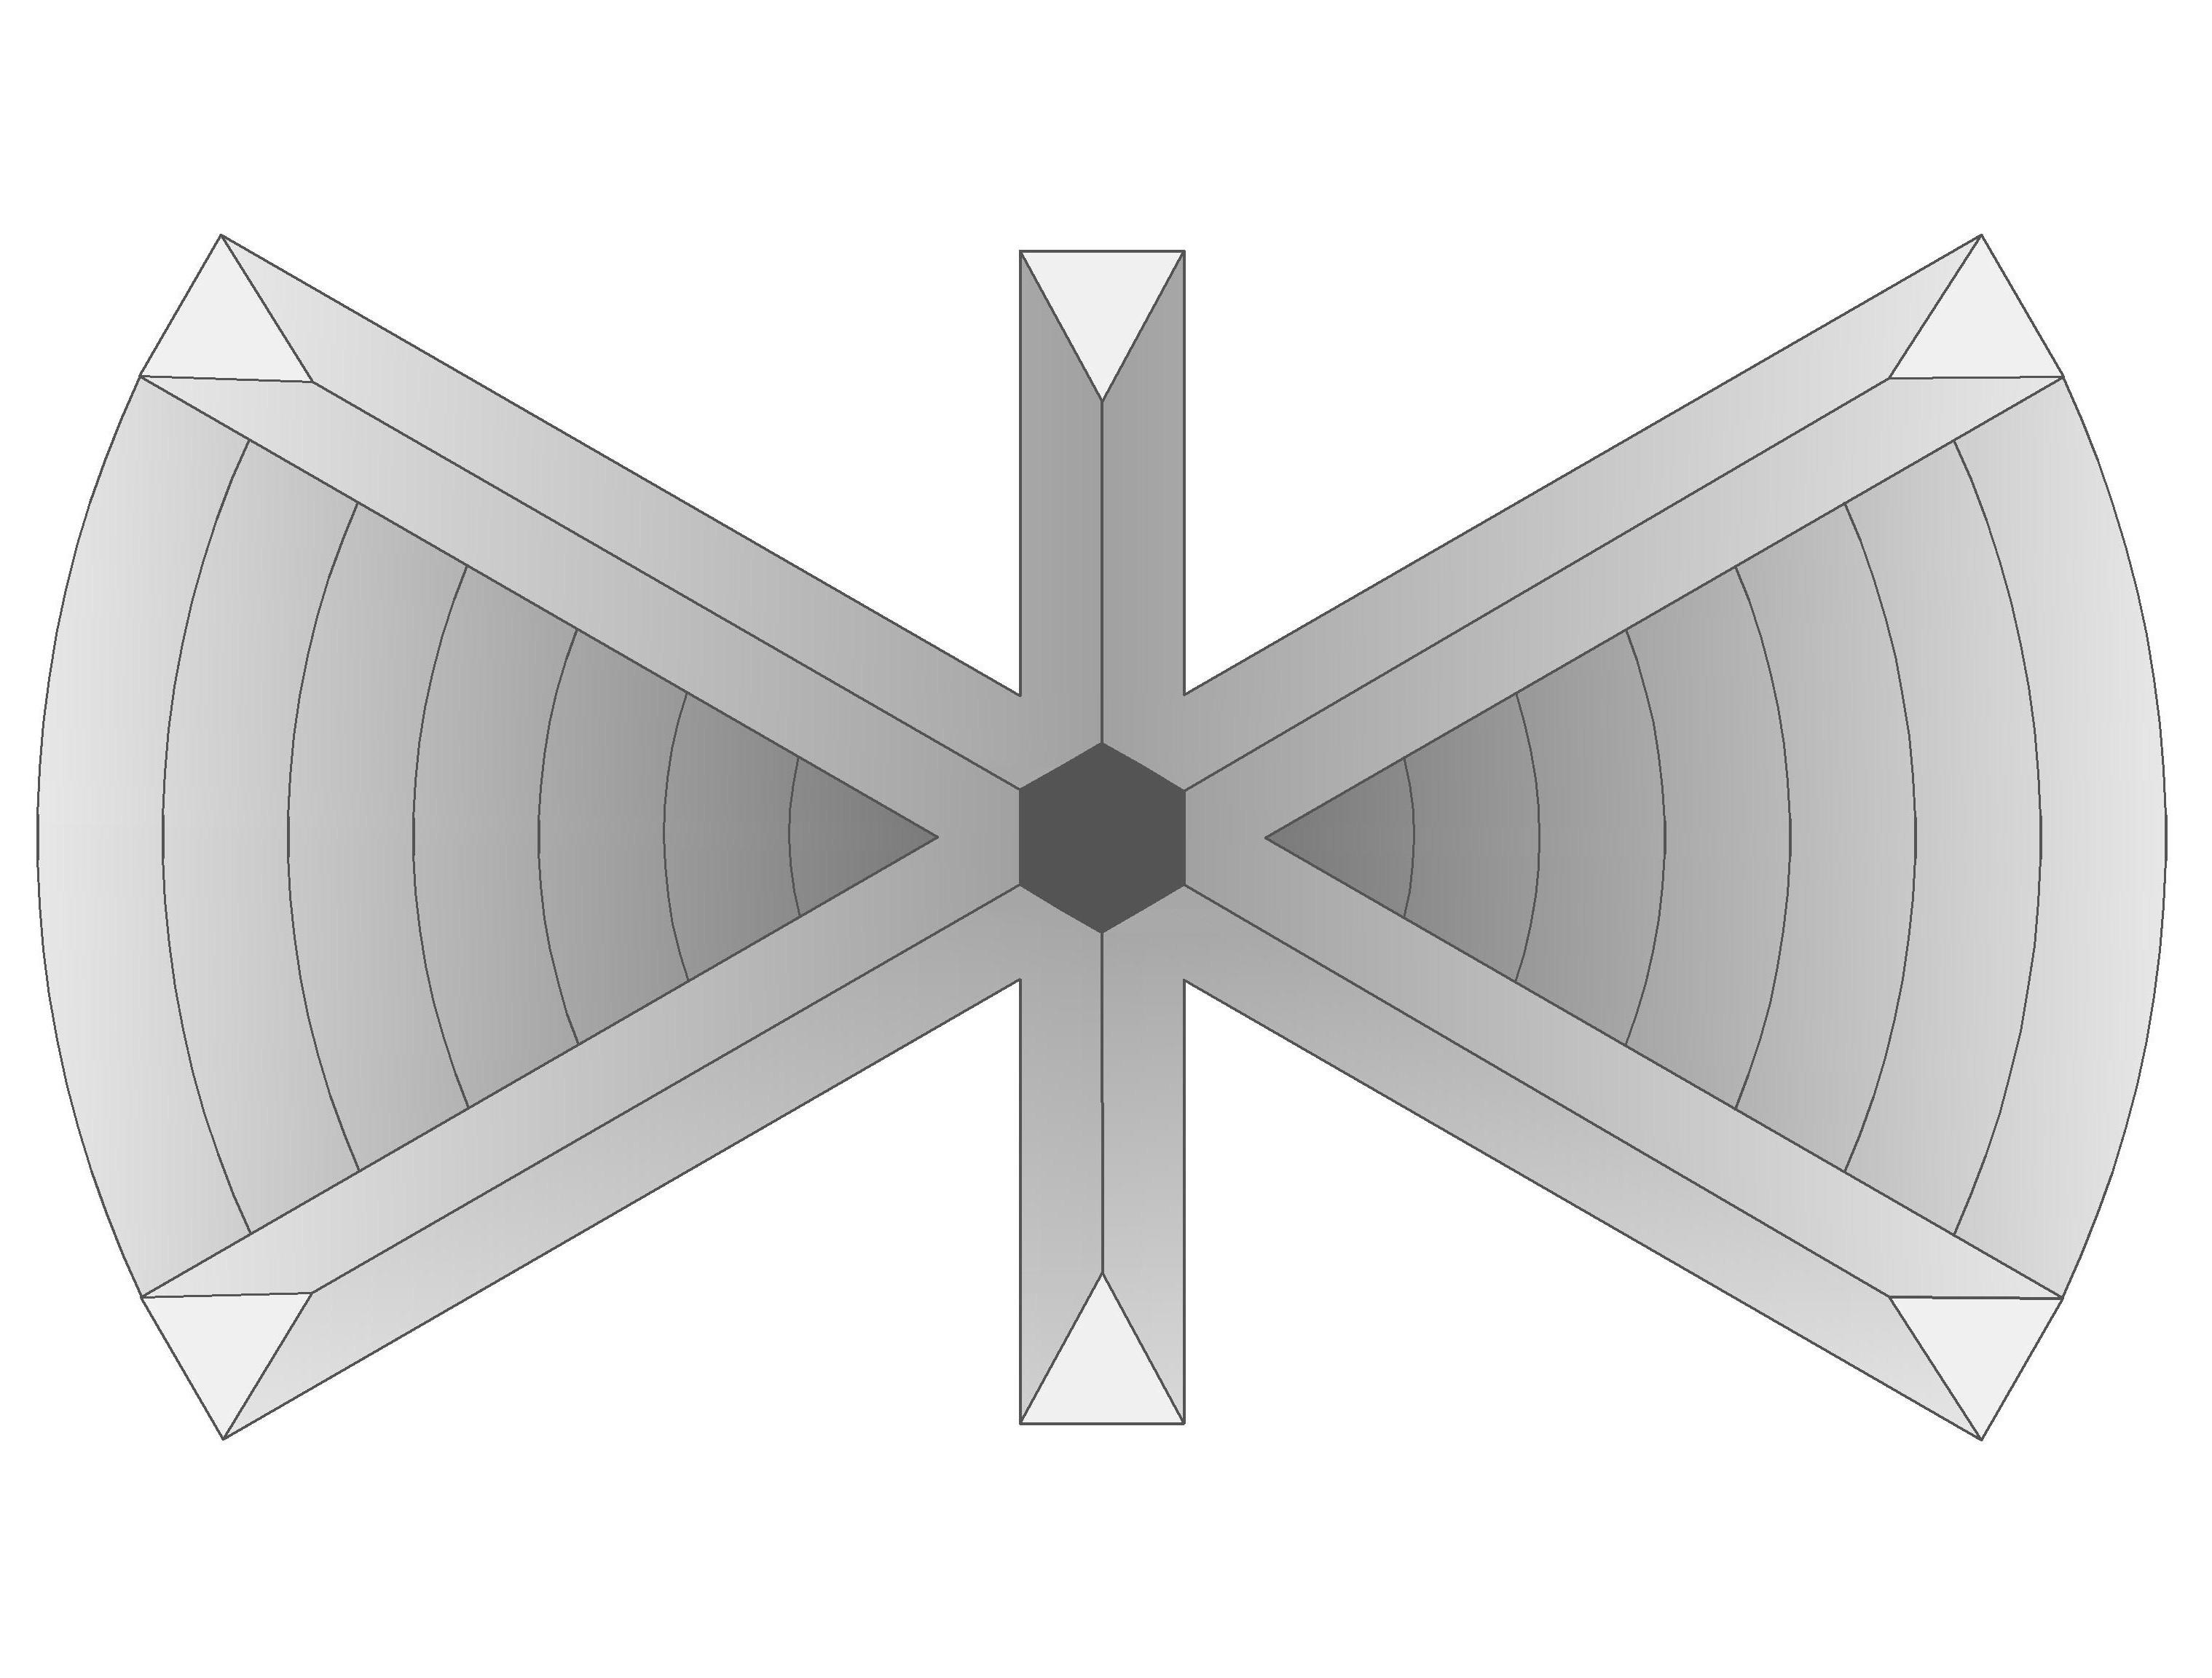 Нужен логотип (эмблема) для самодельного квадроцикла фото f_3335afd361fbf7b6.jpg